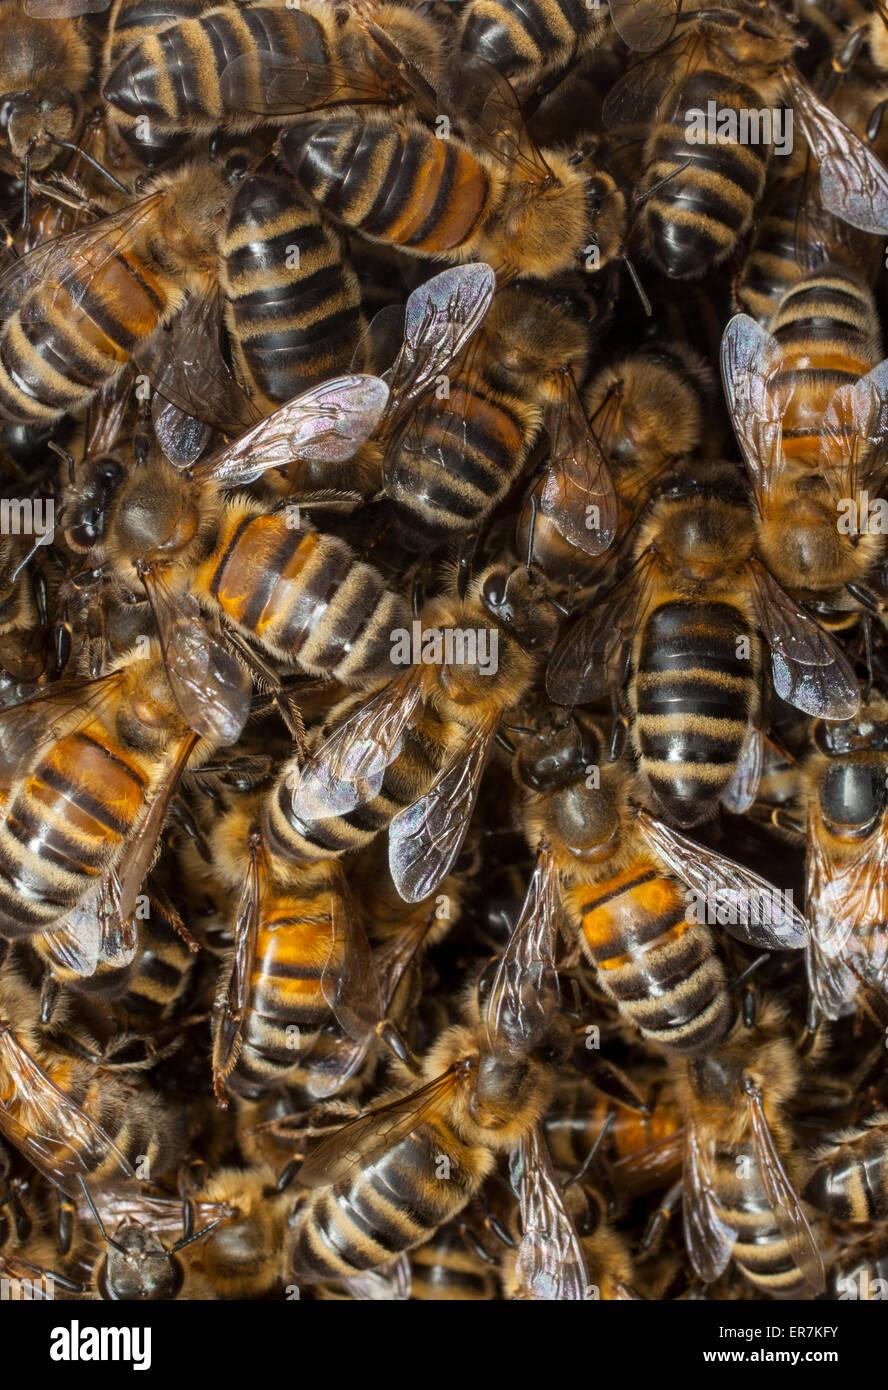 Ein Schwarm von Bienen, die ursprüngliche Kolonie verlassen haben, versammeln sich um ihre neue Bienenkönigin. Stockbild